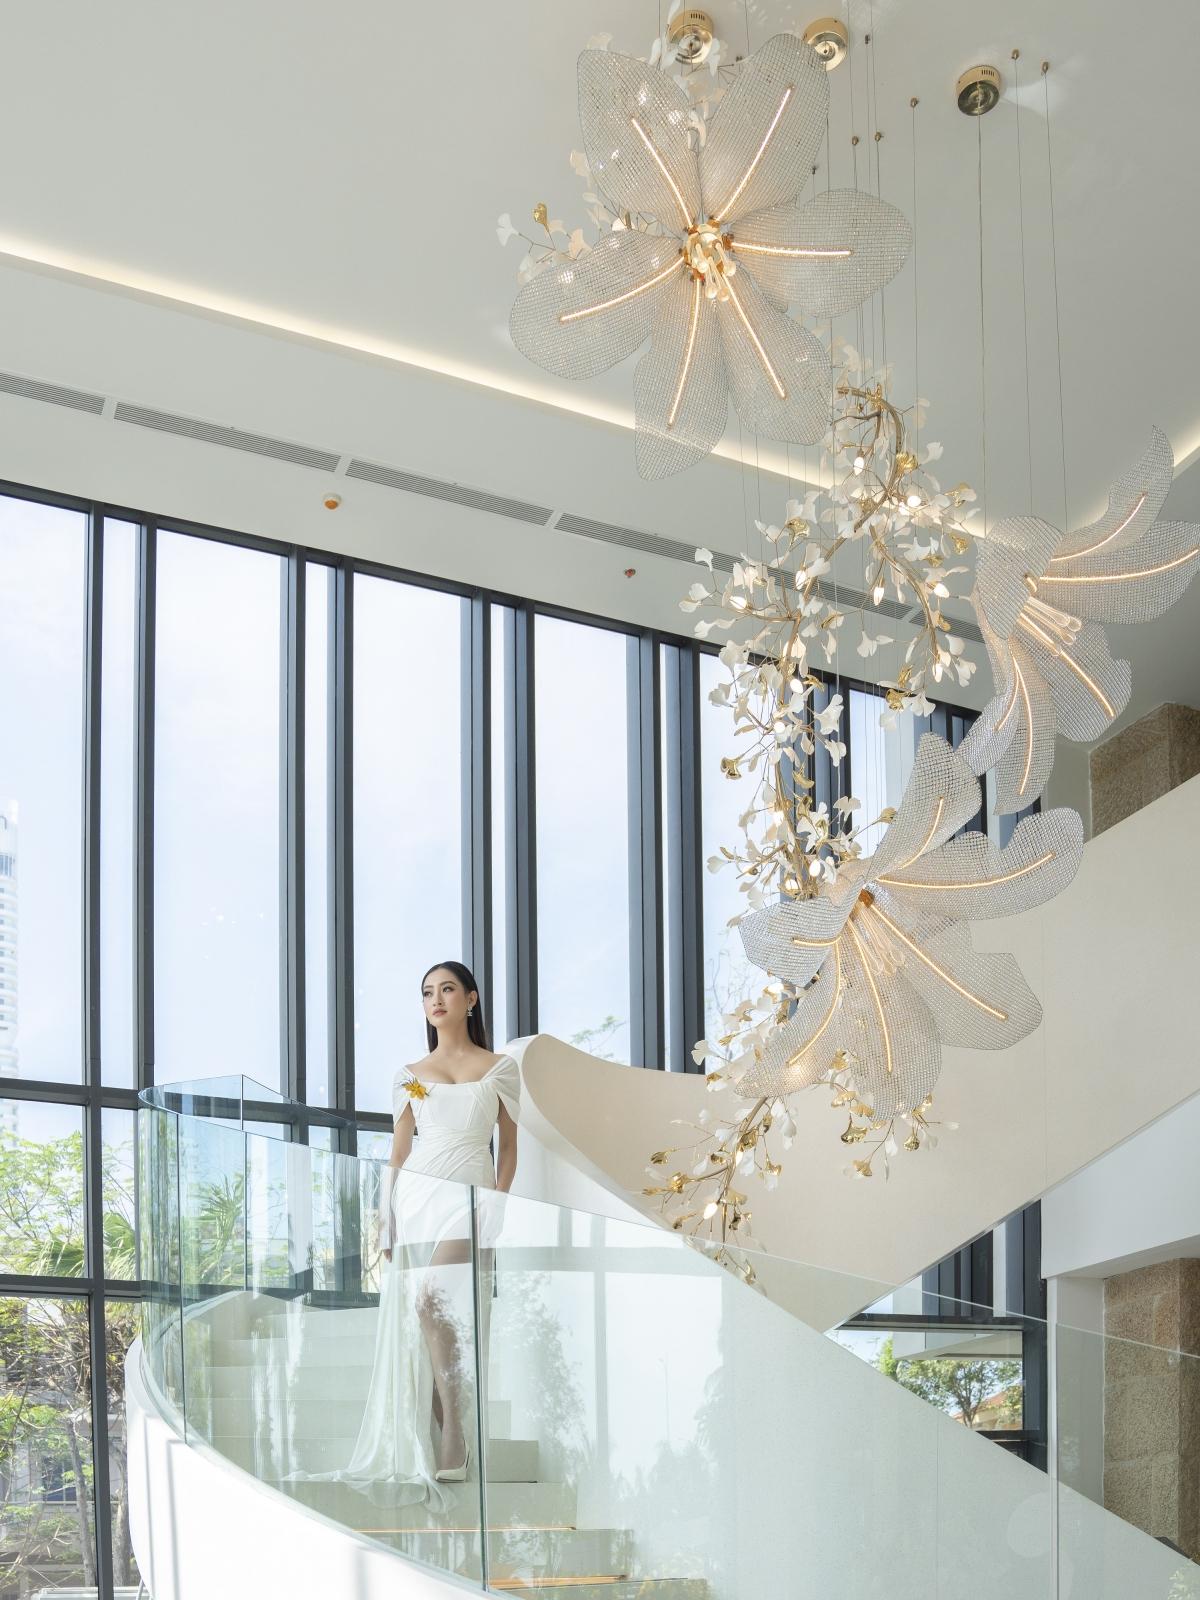 """Sau 1 năm đăng quang Miss World Vietnam 2019, Lương Thuỳ Linh được nhiều Nhà thiết kế """"chọn mặt gửi vàng"""" trên các sàn diễn thời trang hàng đầu với vị trí first face và vedette."""